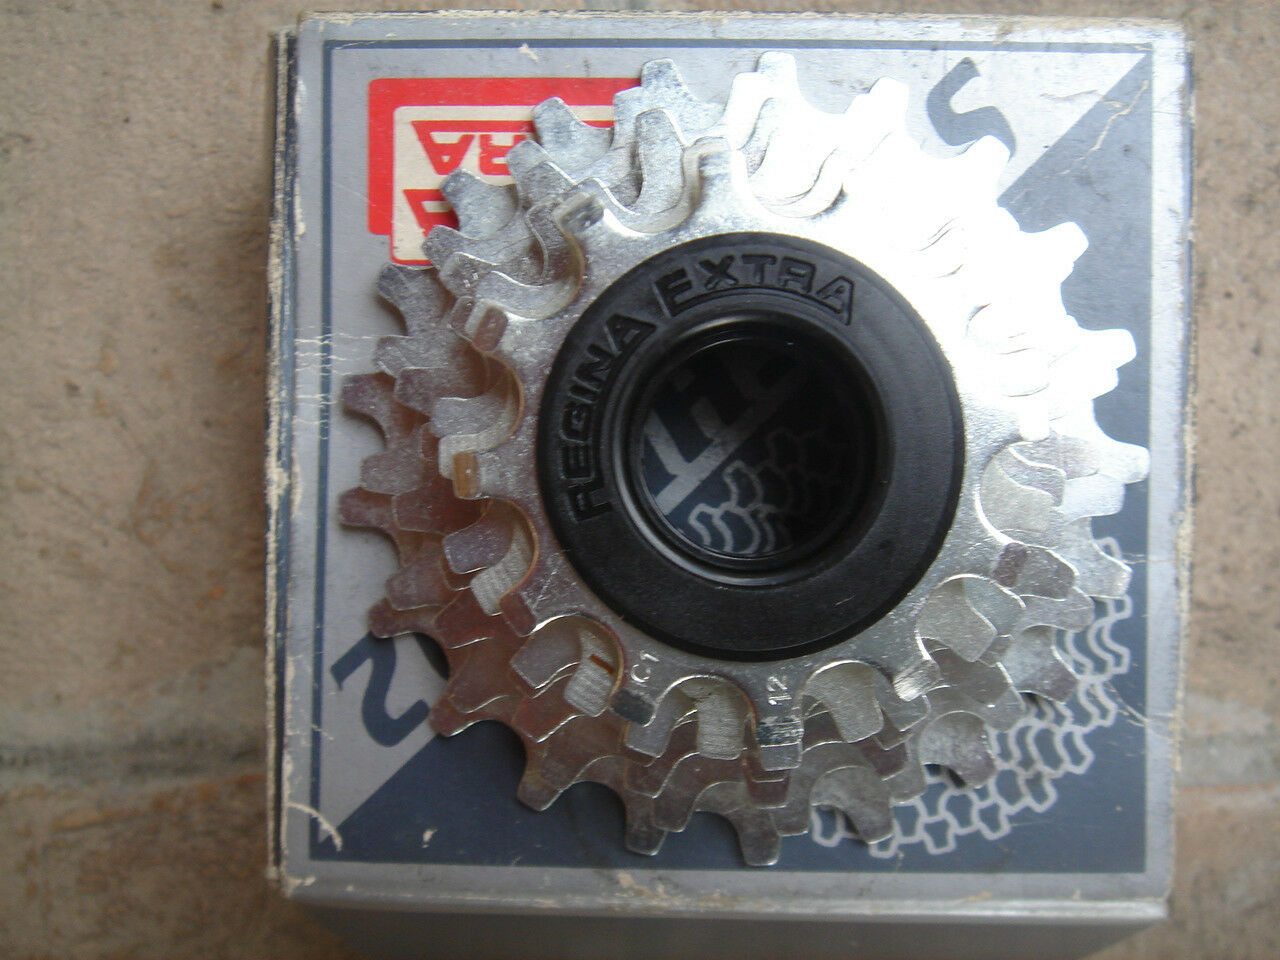 NIB  Regina Extra Synchro92 cassette 7 speed new in original box L'Eroica